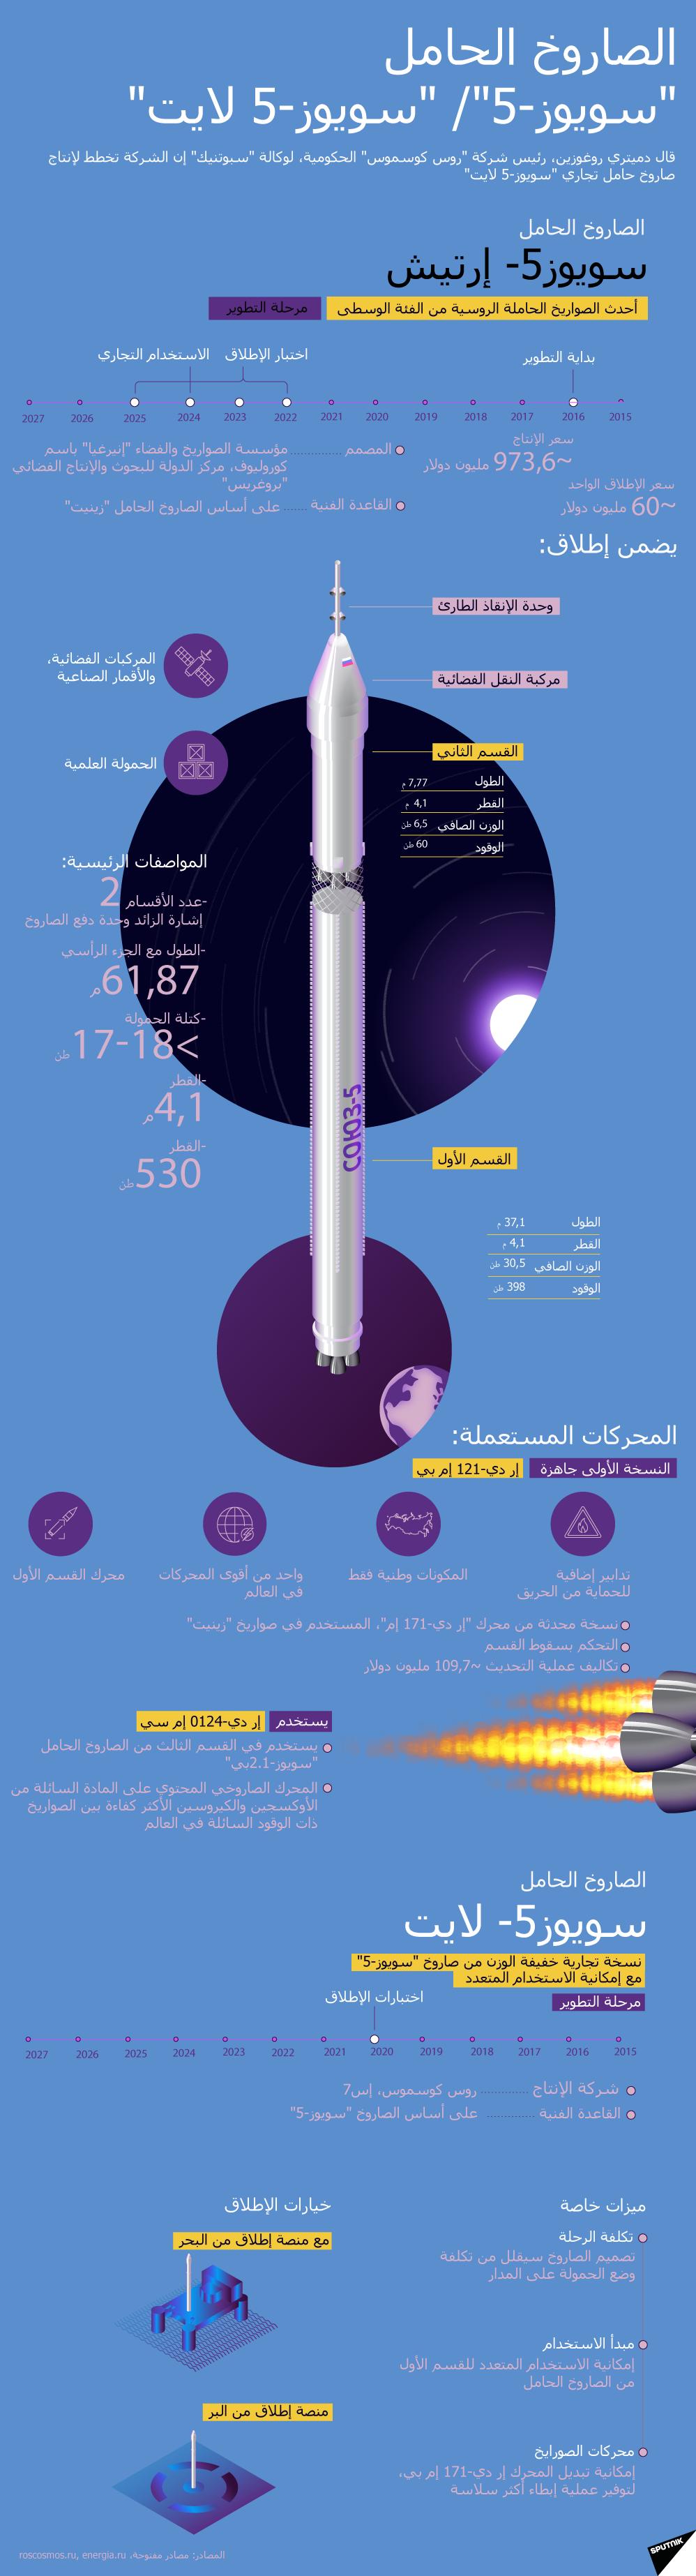 الصاروخ الحامل سويوز-5/ سويوز-5 لايت